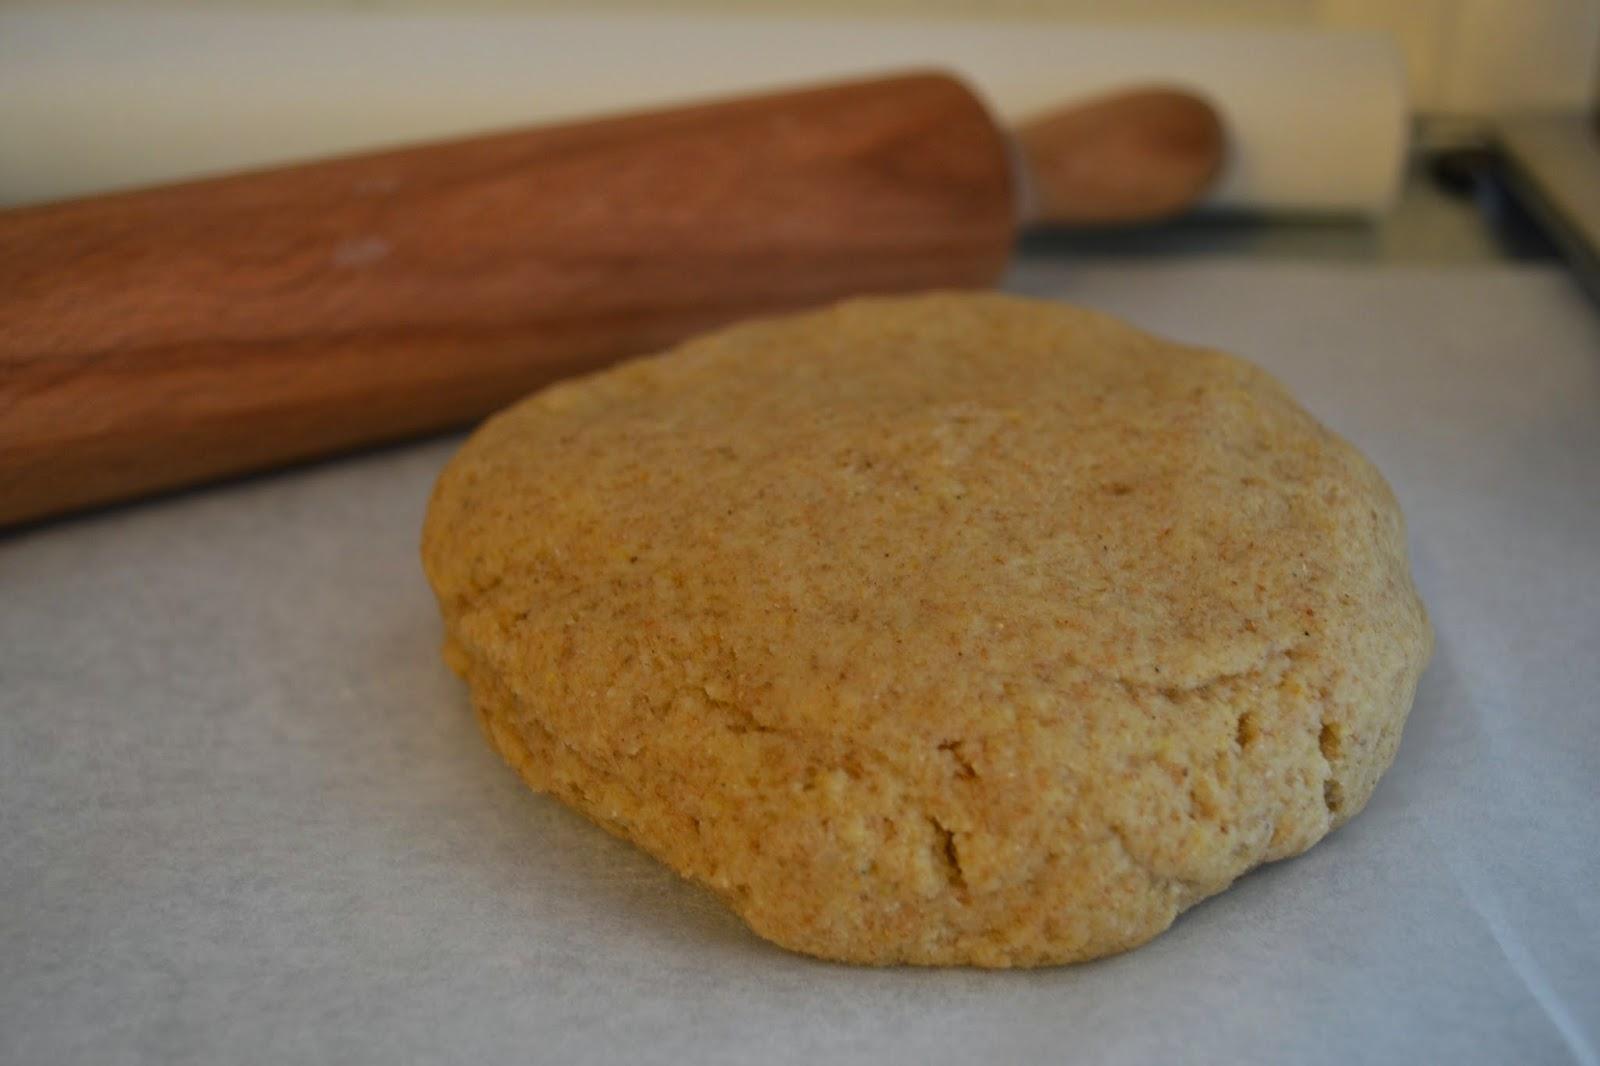 farine de coco, gluten, farine semi-complète, poudre d'amande, framboise, mûre, pâte de pistache